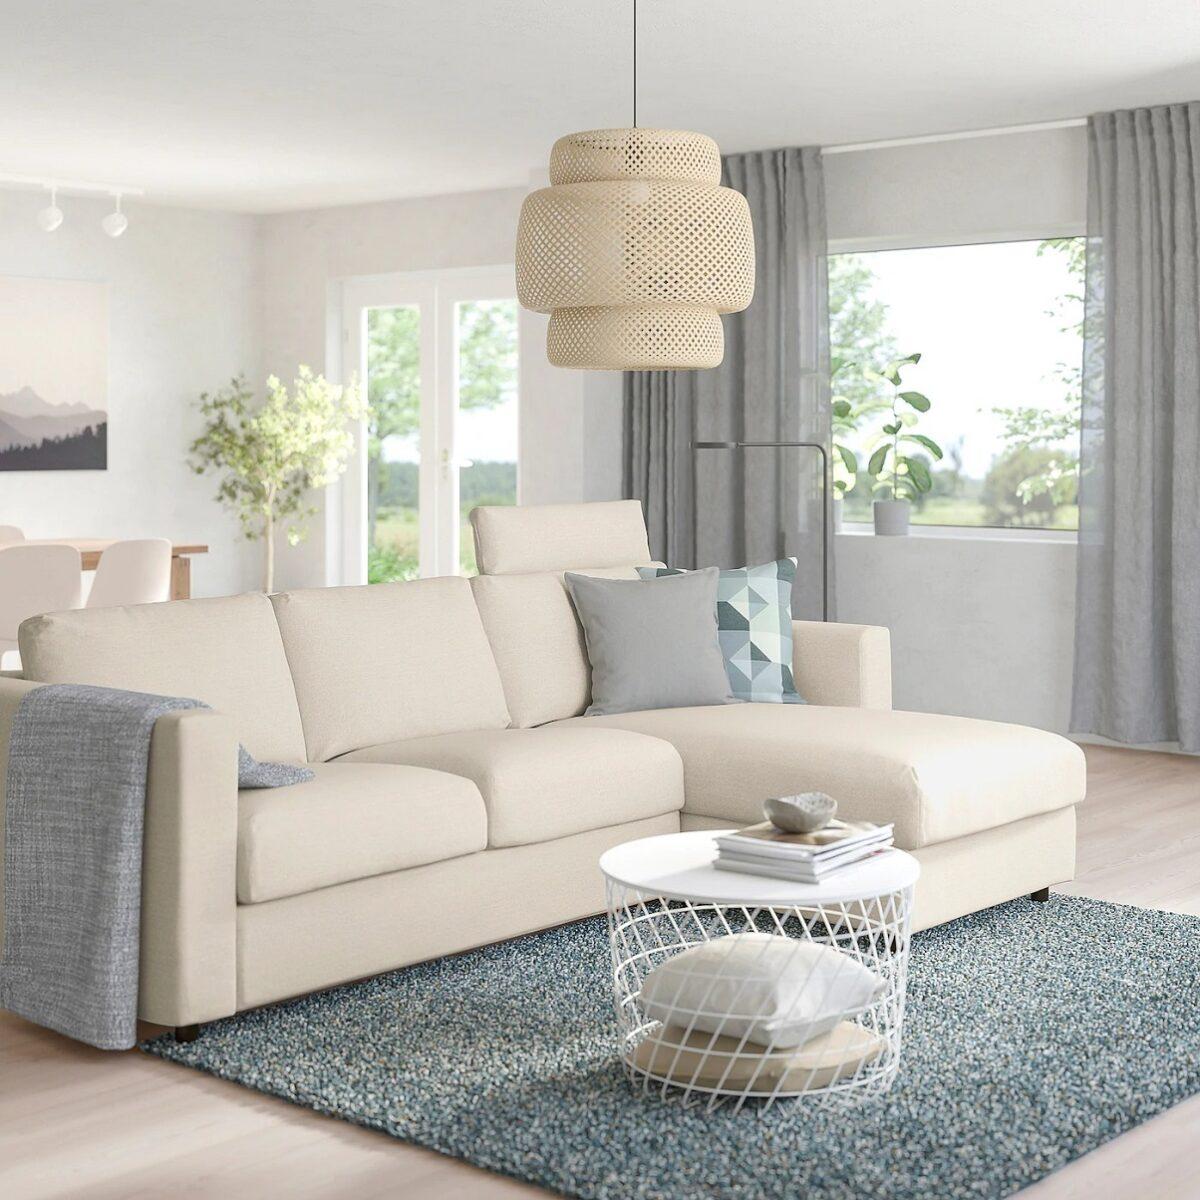 Ikea divani da ufficio: come arredare lo studio spendendo poco